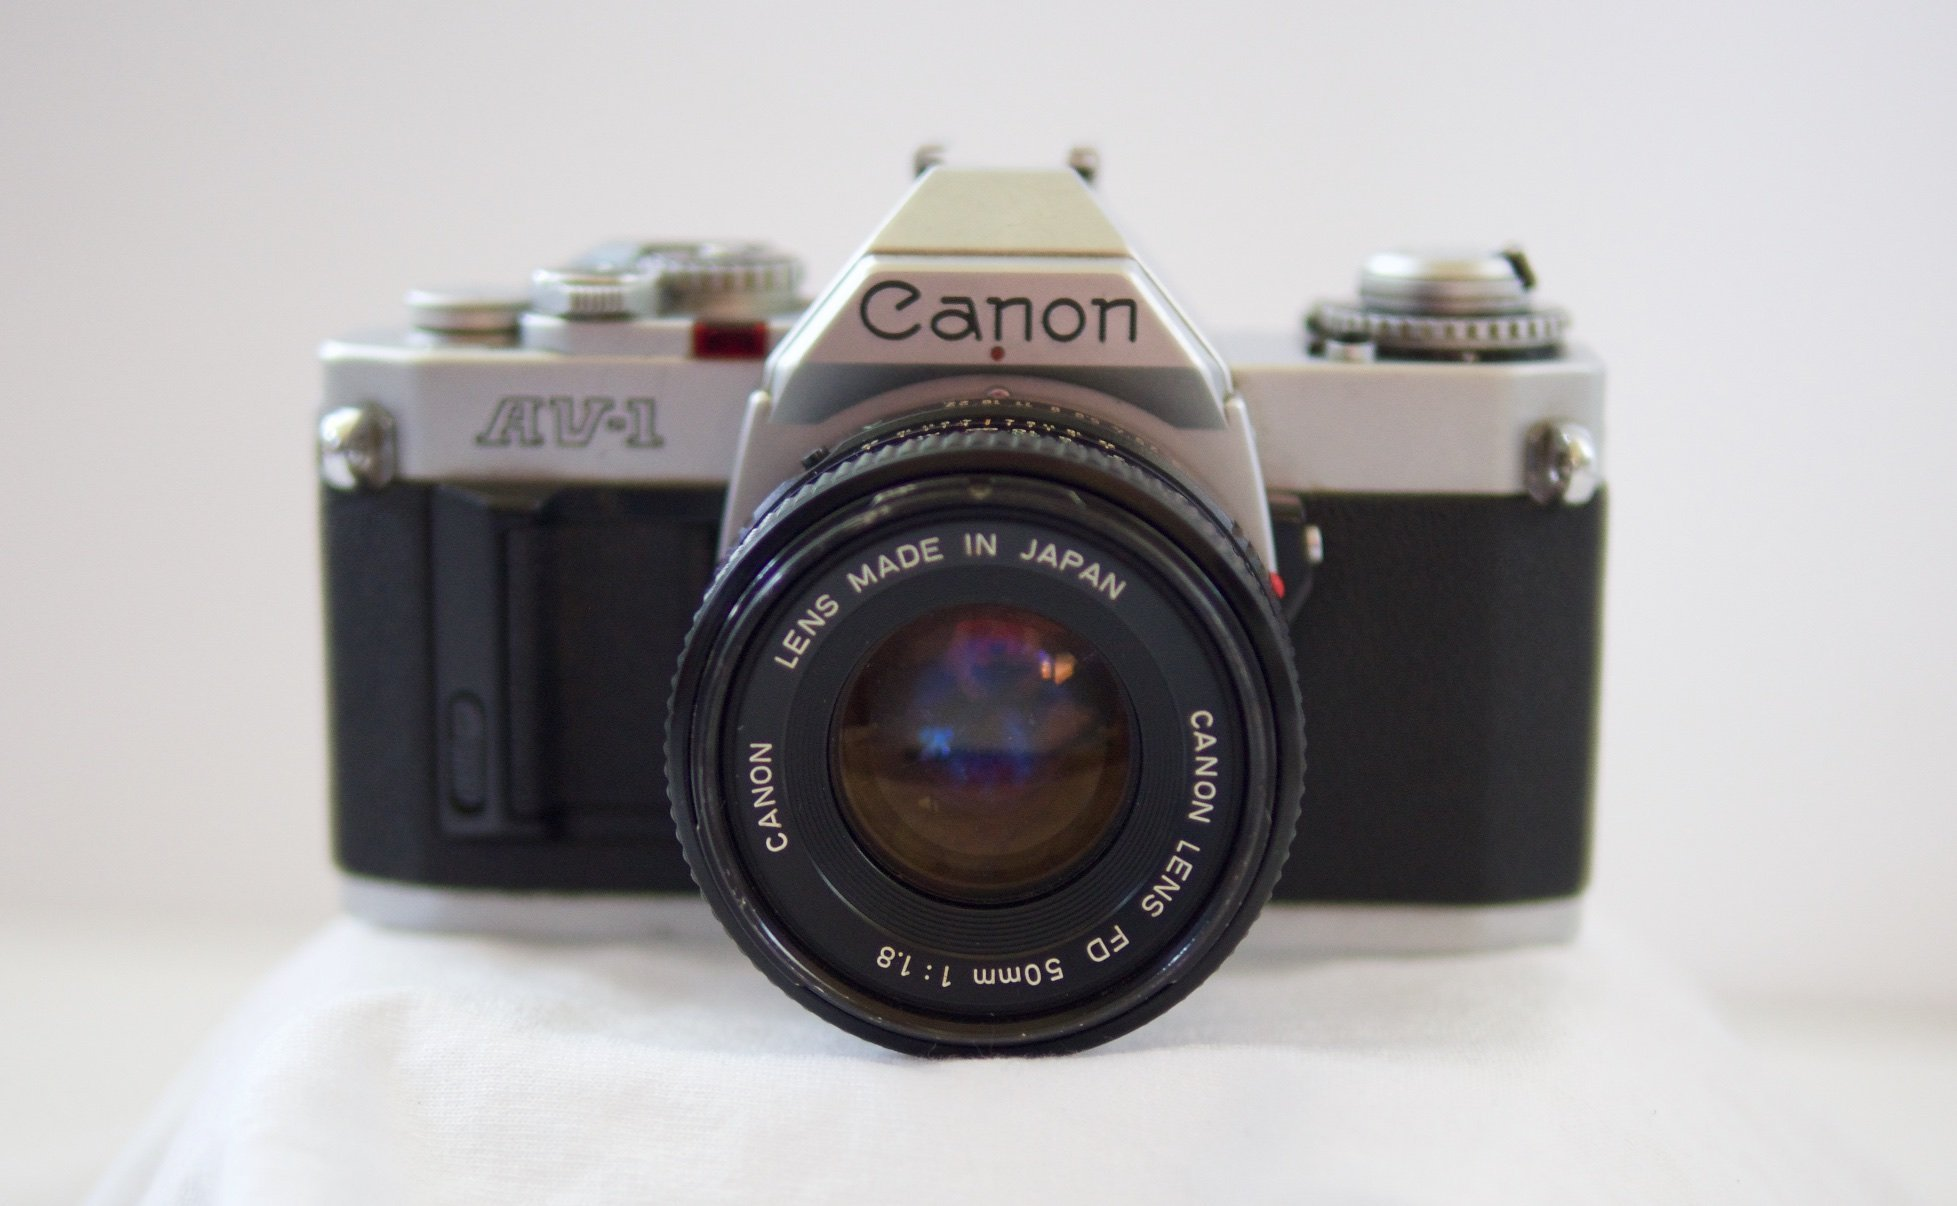 Canon AV1 AV-1 cámara SLR de película 35MM unidad Rebobinado nuevo CA1-1341-000